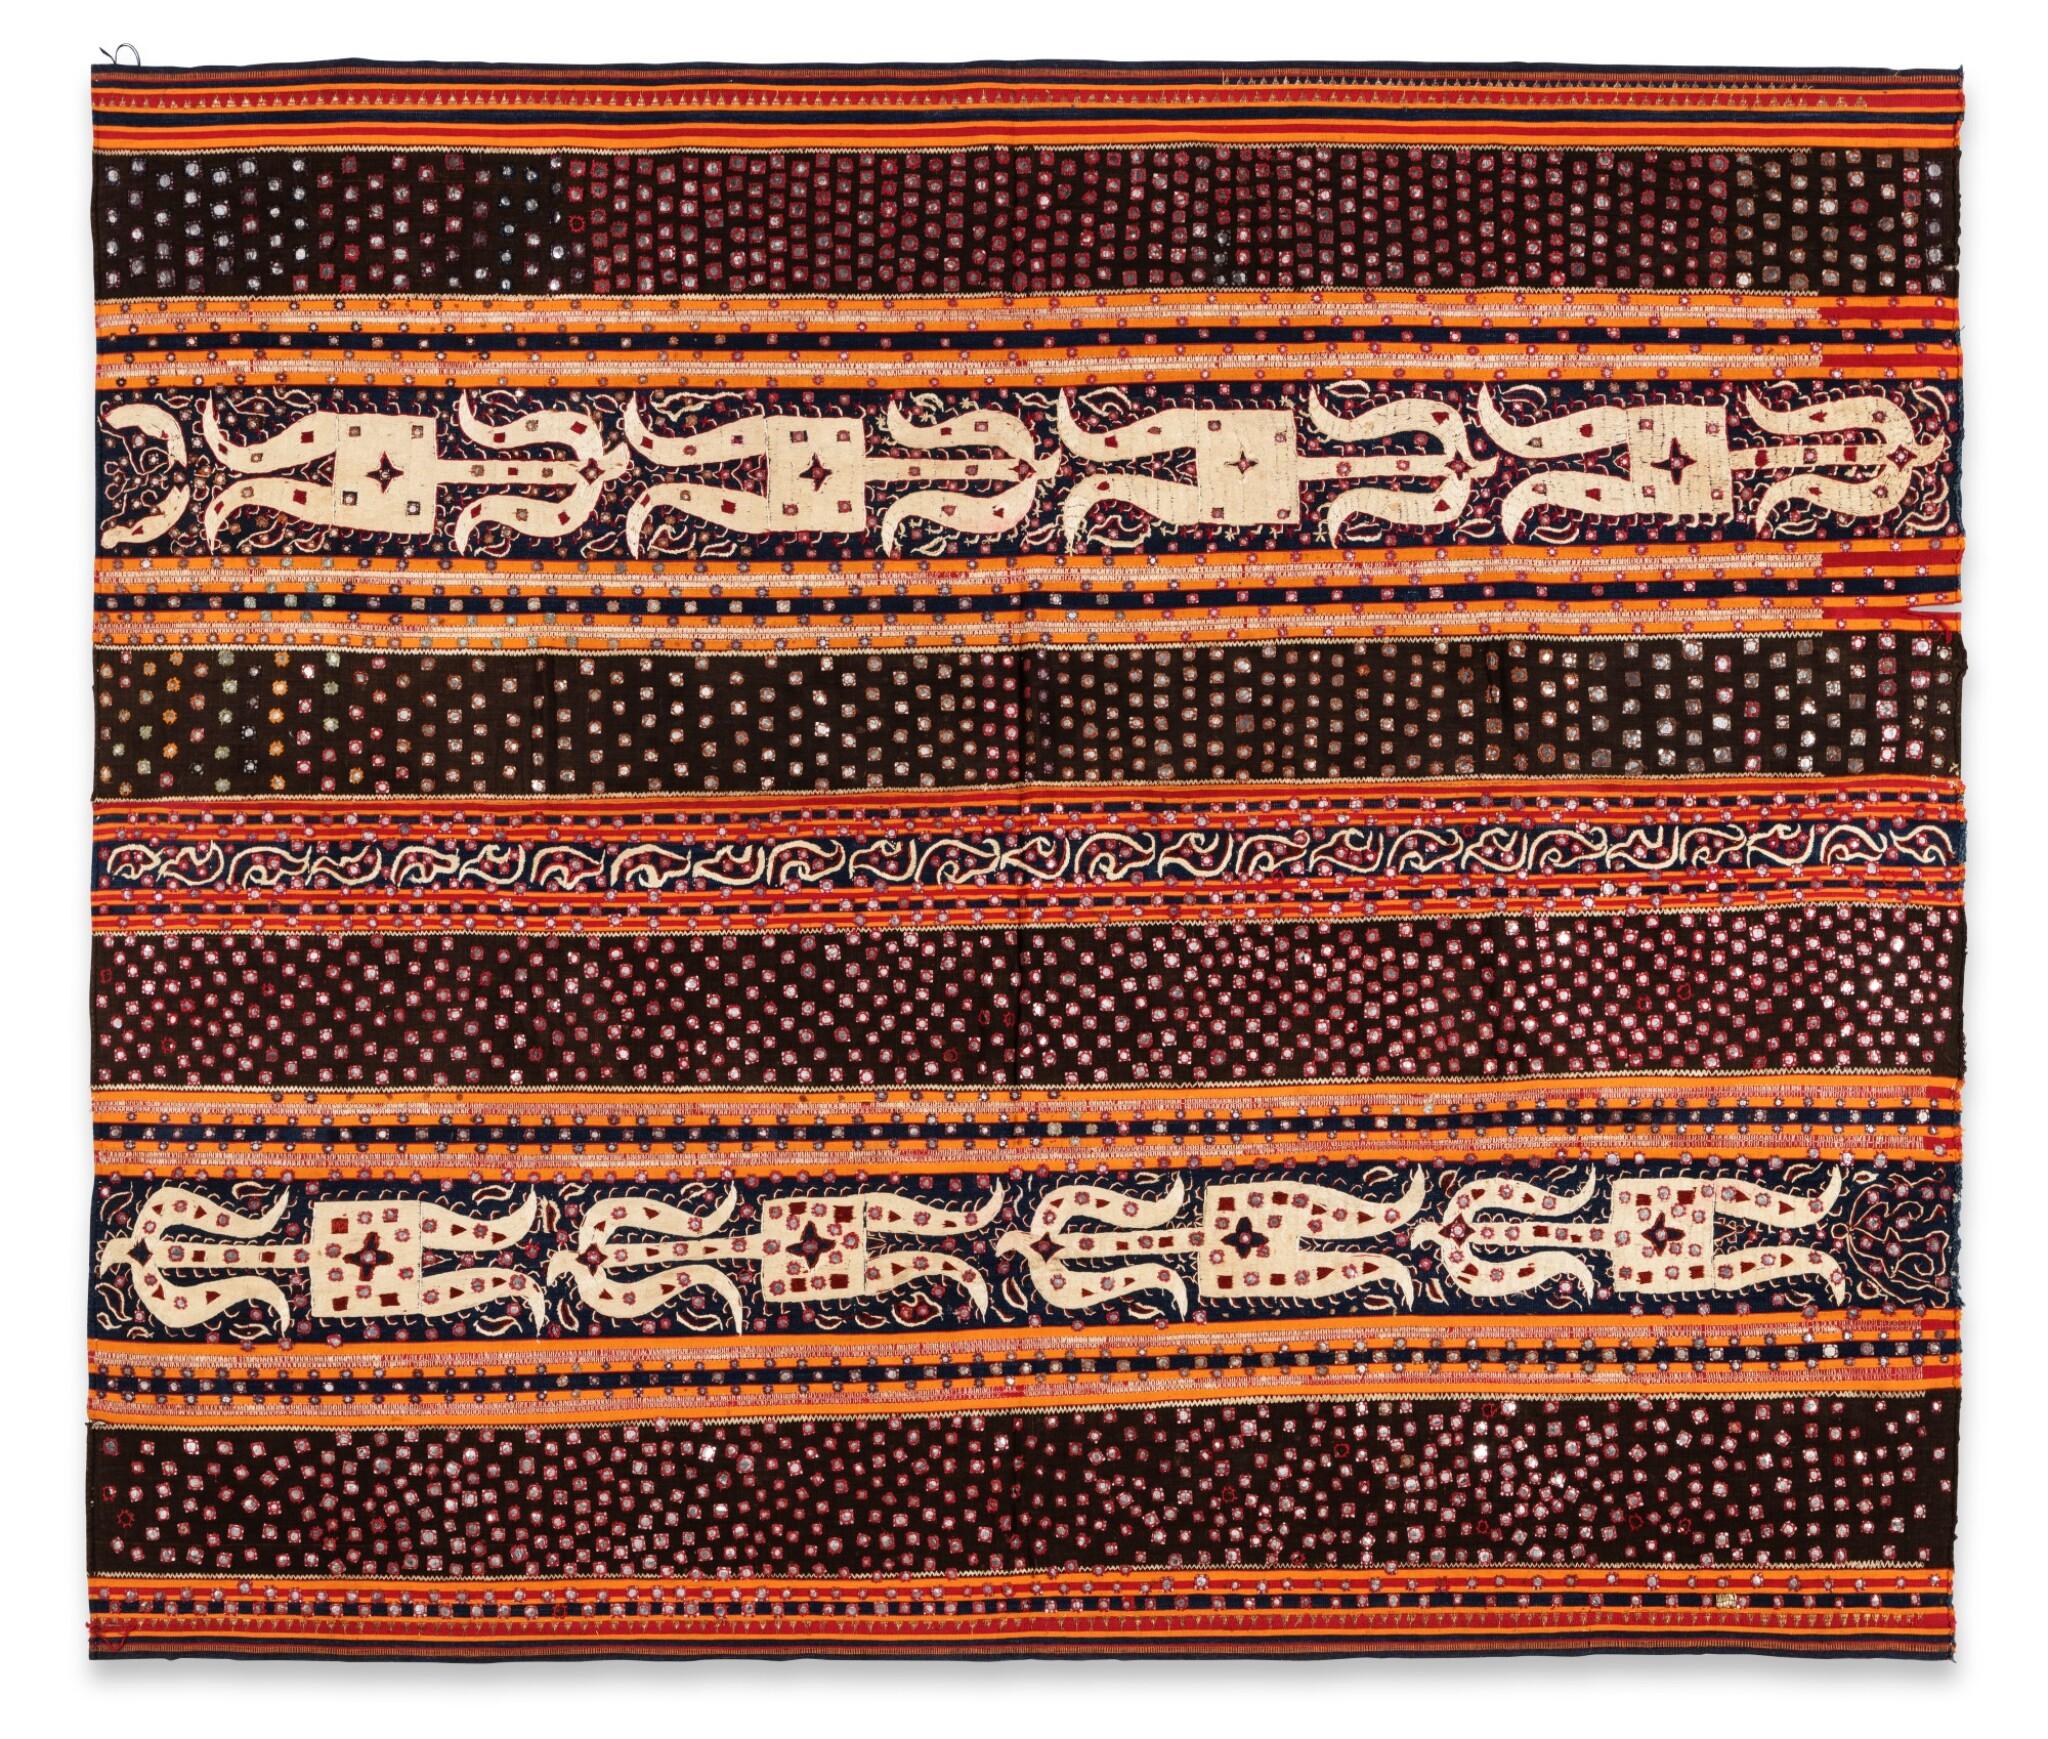 View full screen - View 1 of Lot 20. Vêtement de femme tapis, Lampung, Sumatra, Indonésie, début du 20e siècle   Woman's wrapper tapis, Lampung, Sumatra, Indonesia, early 20th century.